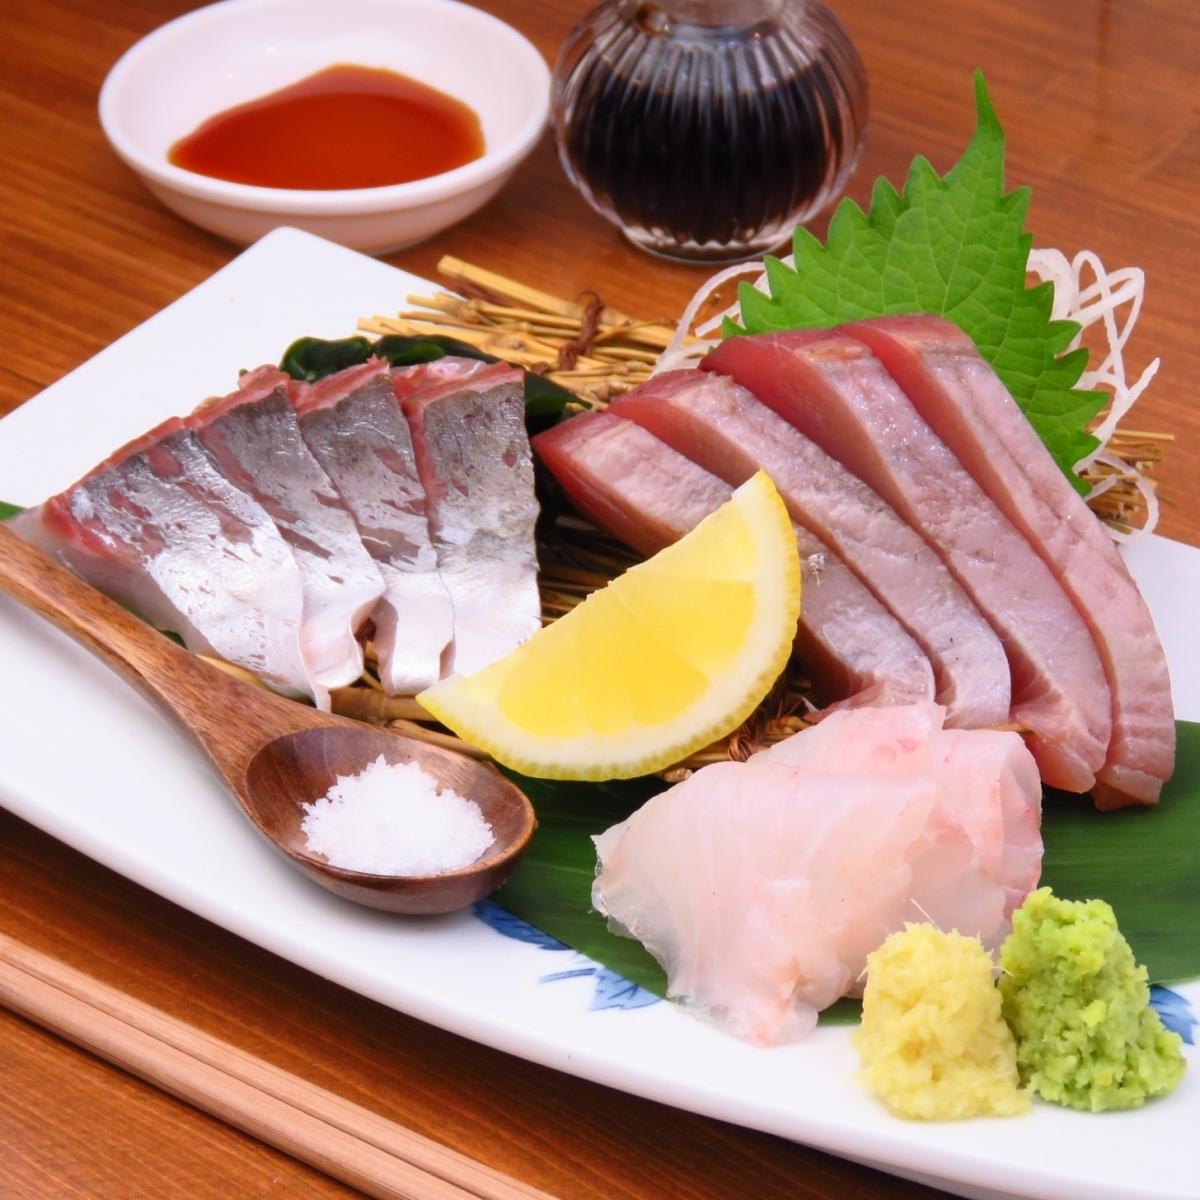 朝どれ鮮魚のお刺身盛り